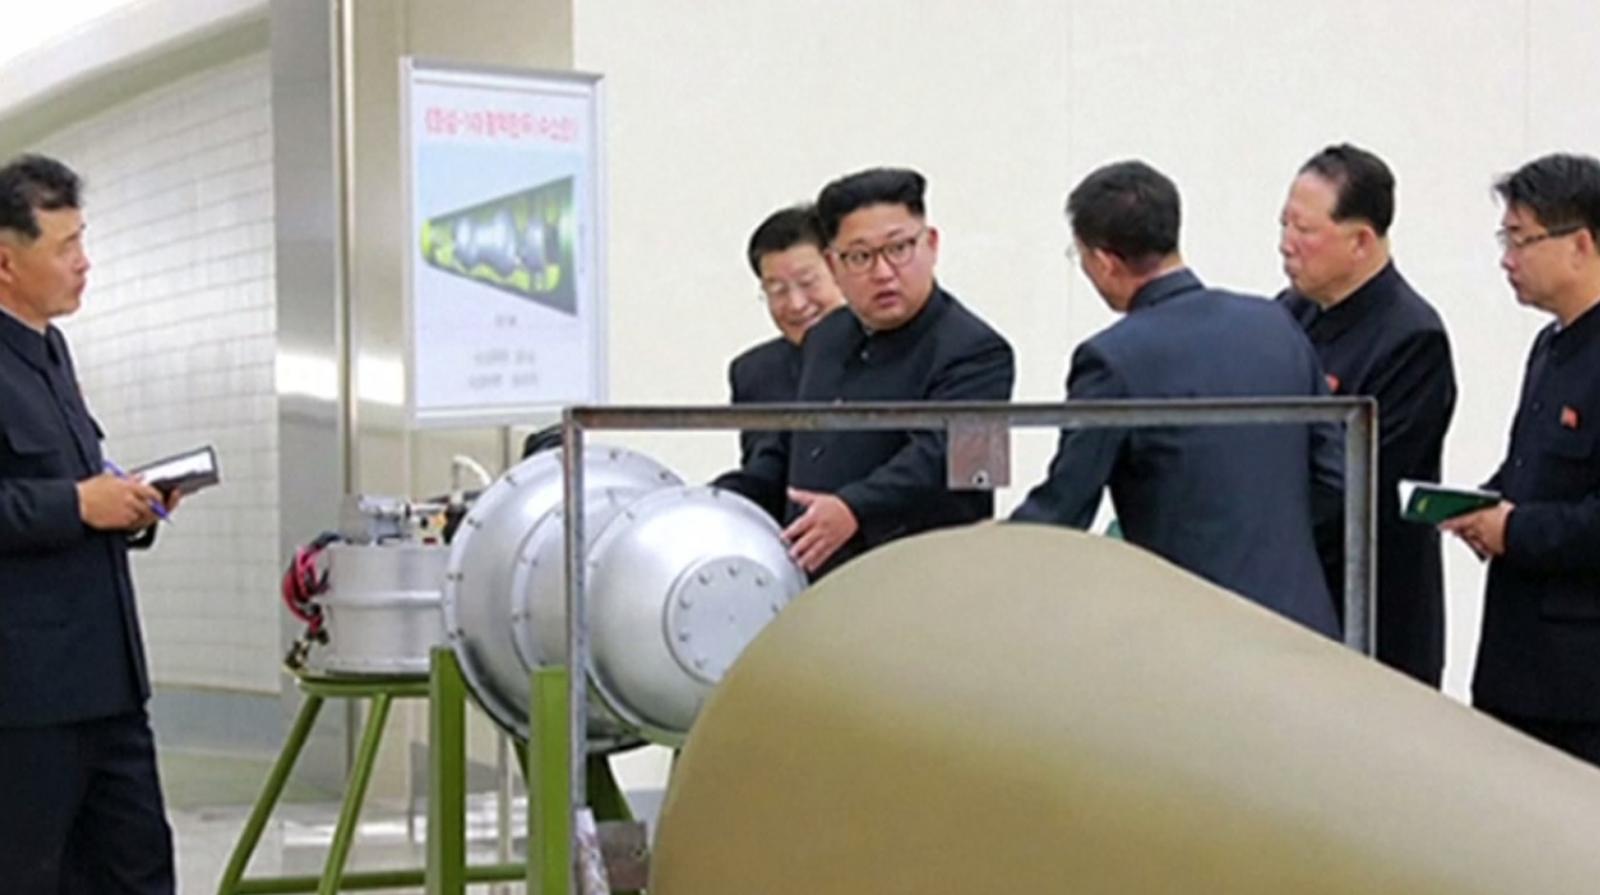 เกาหลีใต้ตอบรับหารือระดับสูงกับเกาหลีเหนือ